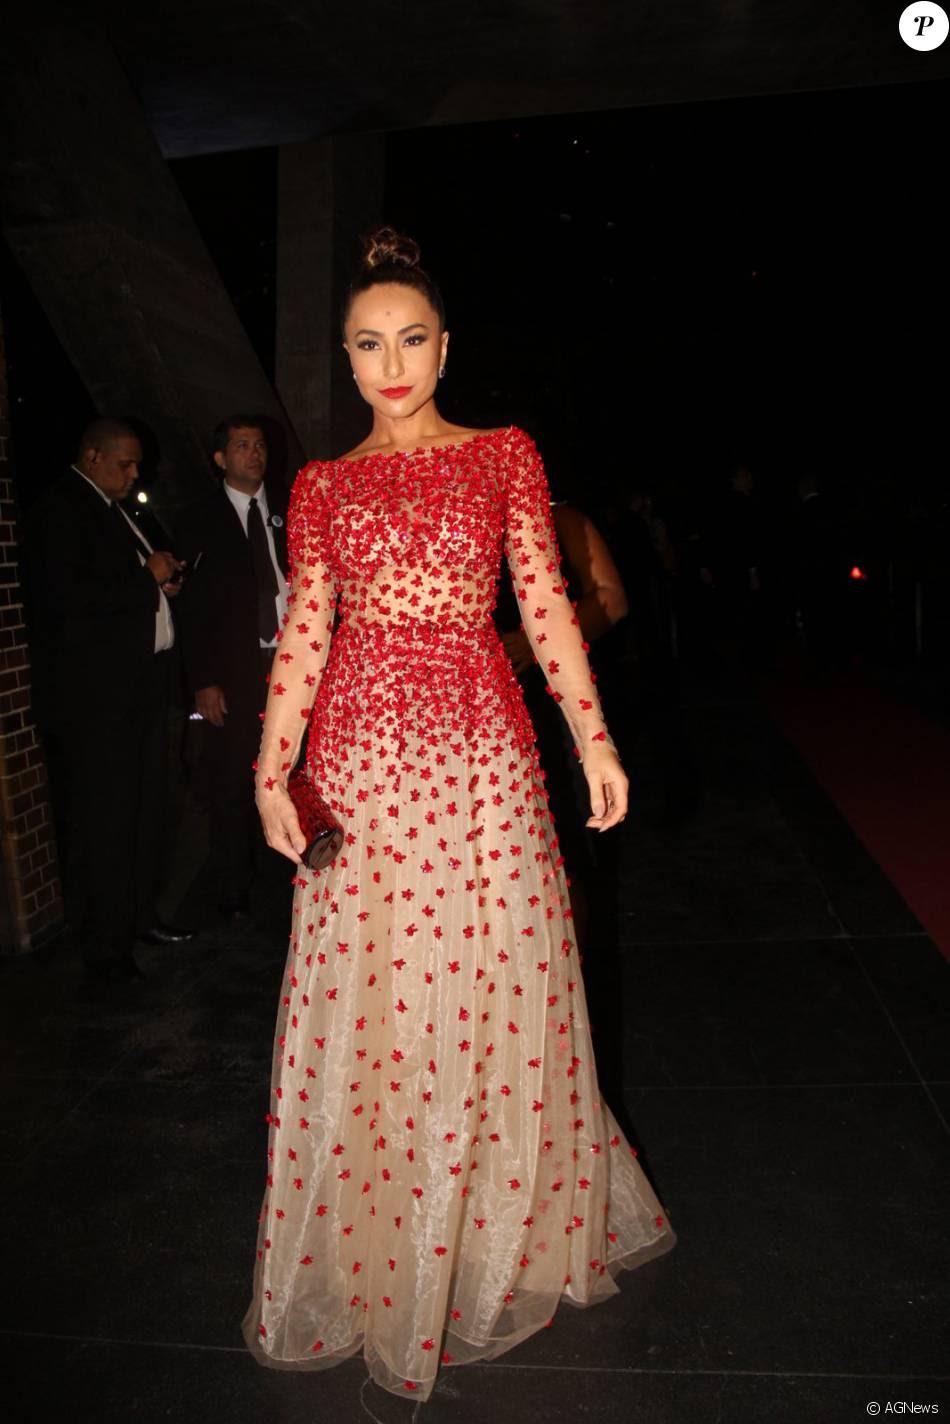 Sabrina Sato usa vestido de R$ 12 mil em casamento de Antonia Fontenelle, nesta sábado, 12 de dezembro de 2015